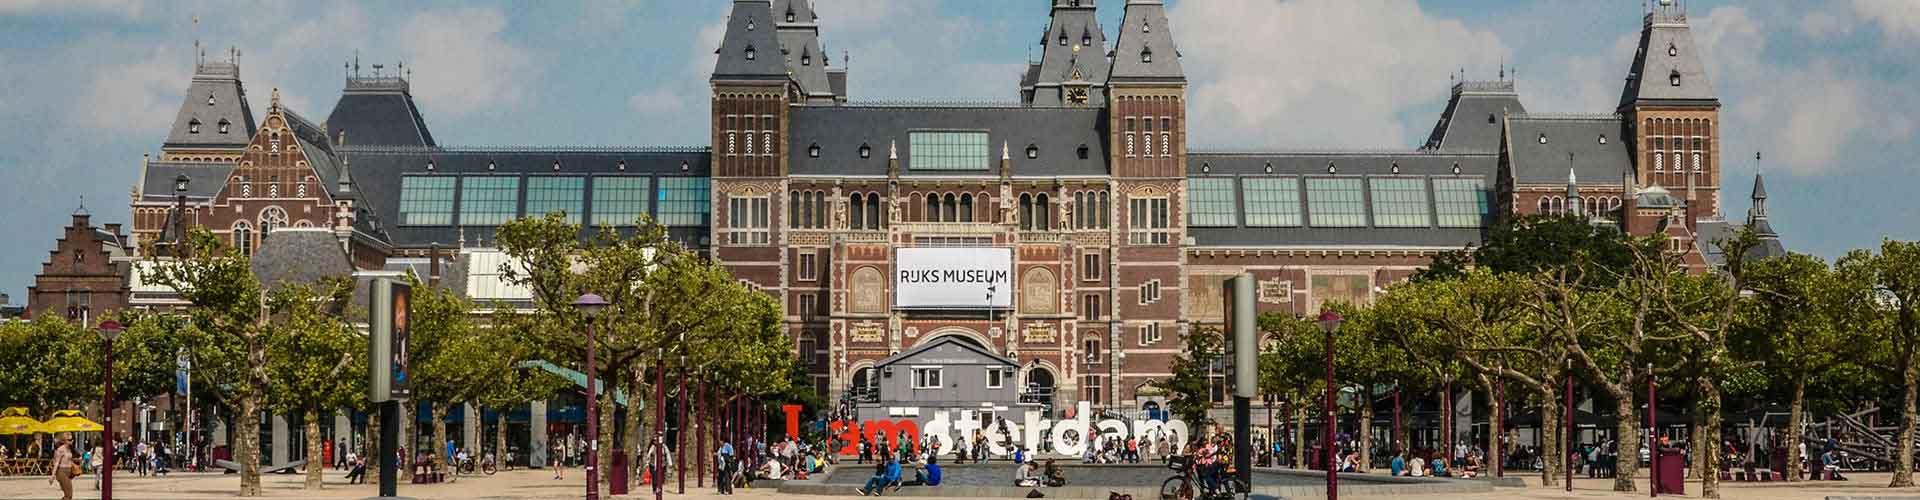 암스테르담 - 레이크스 미술관와 가까운 호스텔. 암스테르담의 지도, 암스테르담에 위치한 호스텔 사진 및 후기 정보.